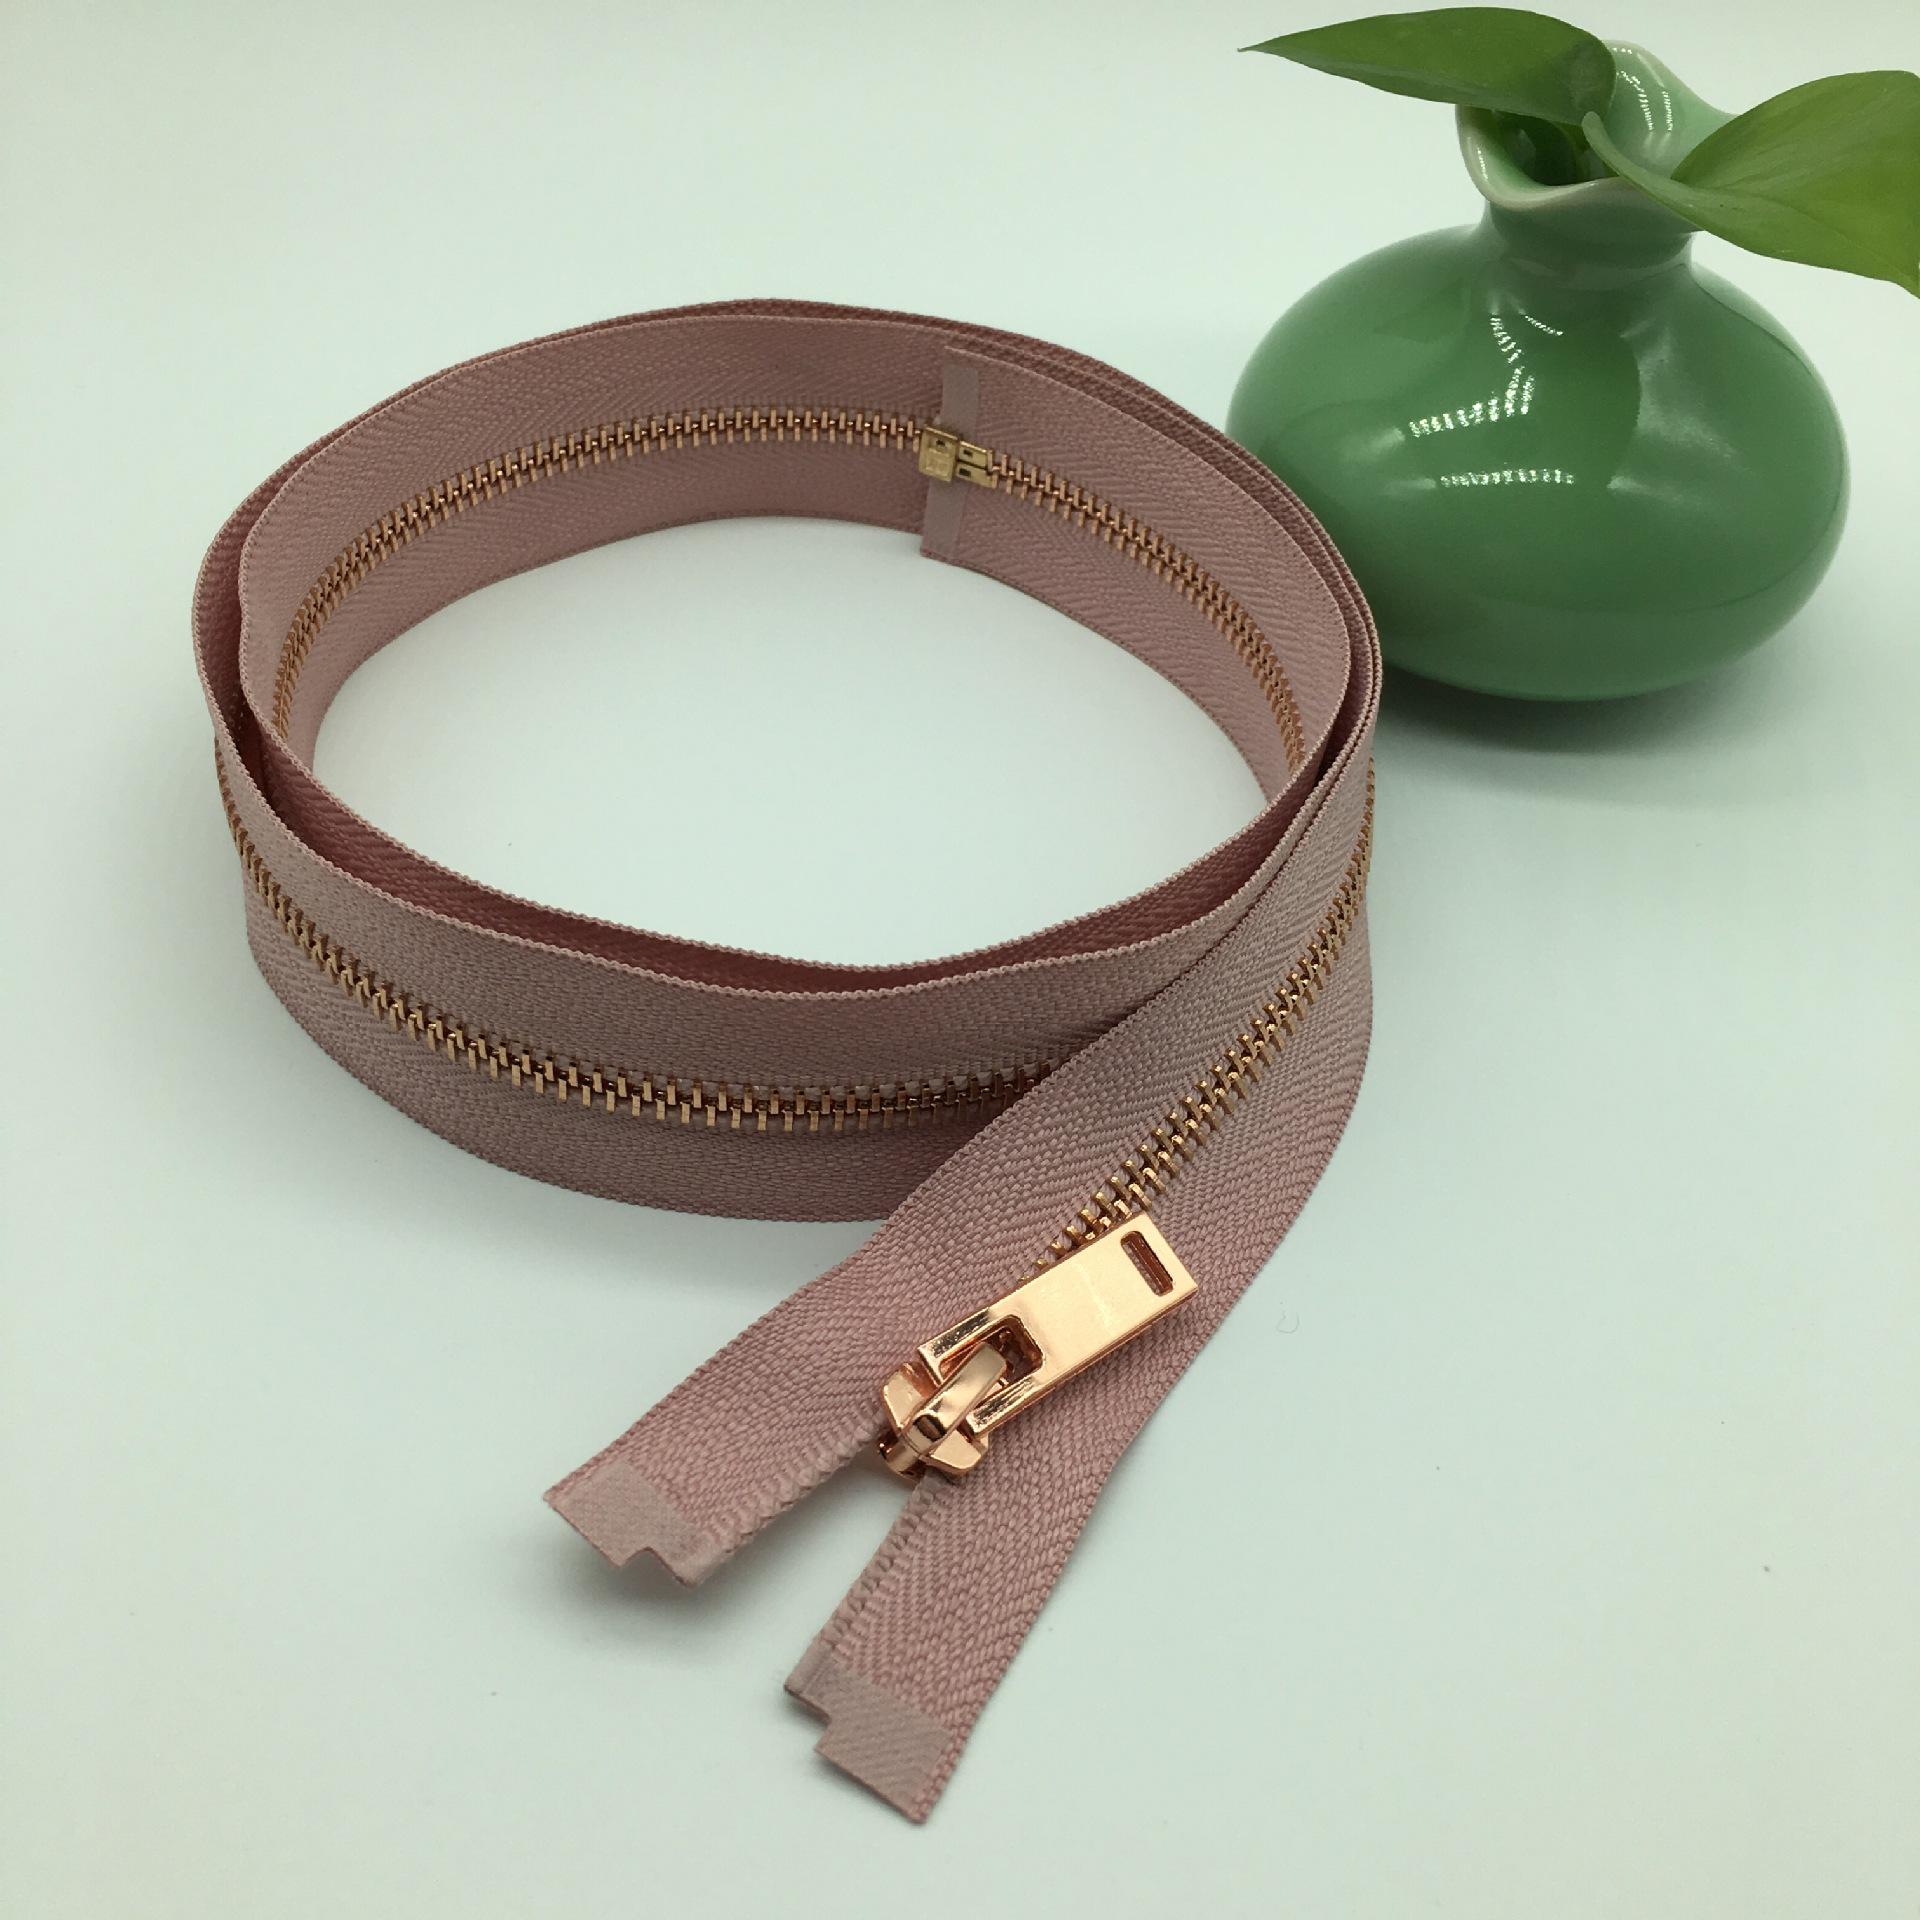 Túi 5 dây kéo kim loại Y răng dây kéo kim loại rose gold răng mở dây kéo loạt các có thể được tùy ch